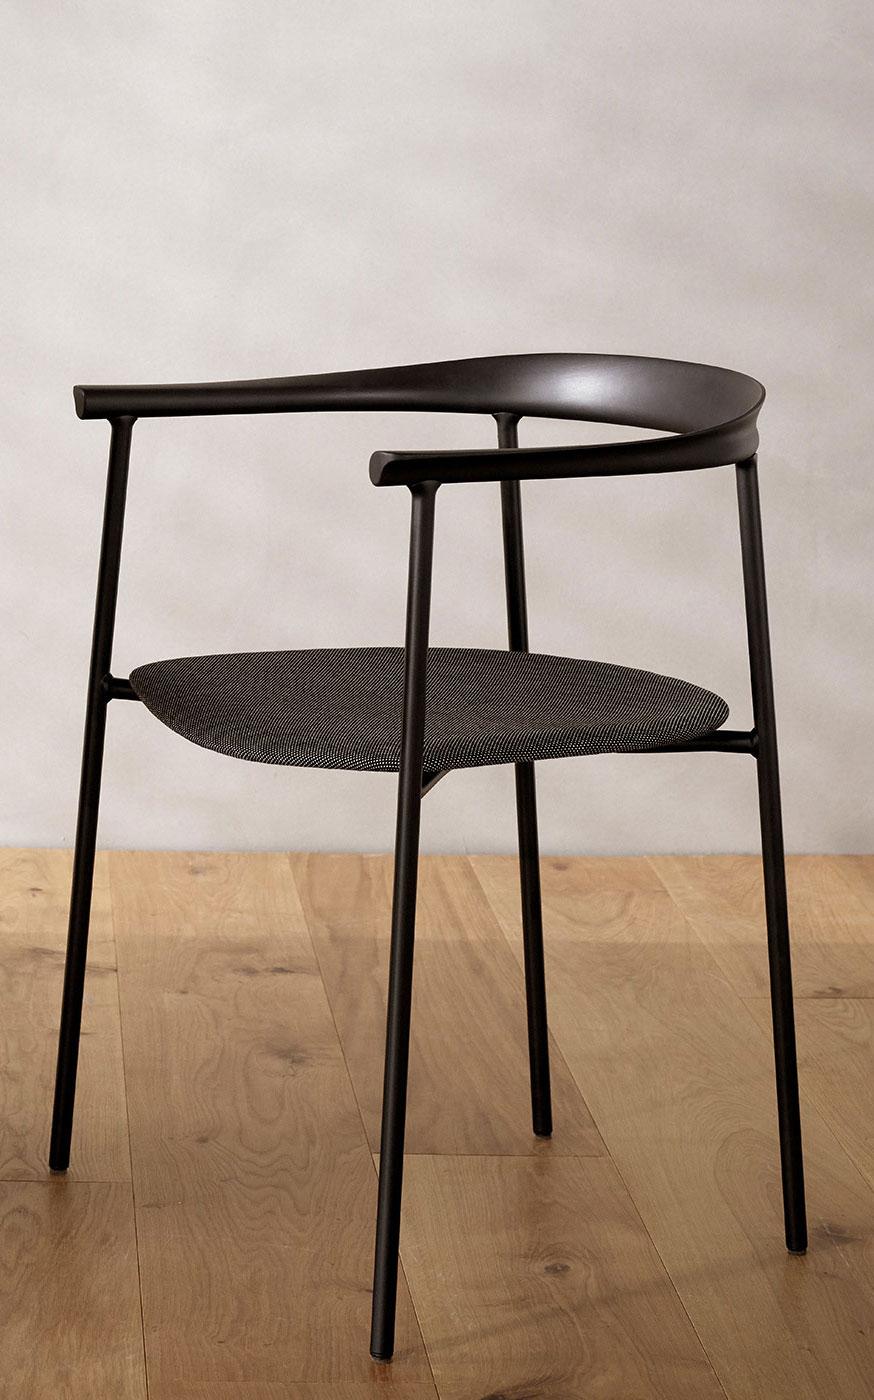 Stuhl mit grünem Anspruch von Depping & Jørgensen für Takt